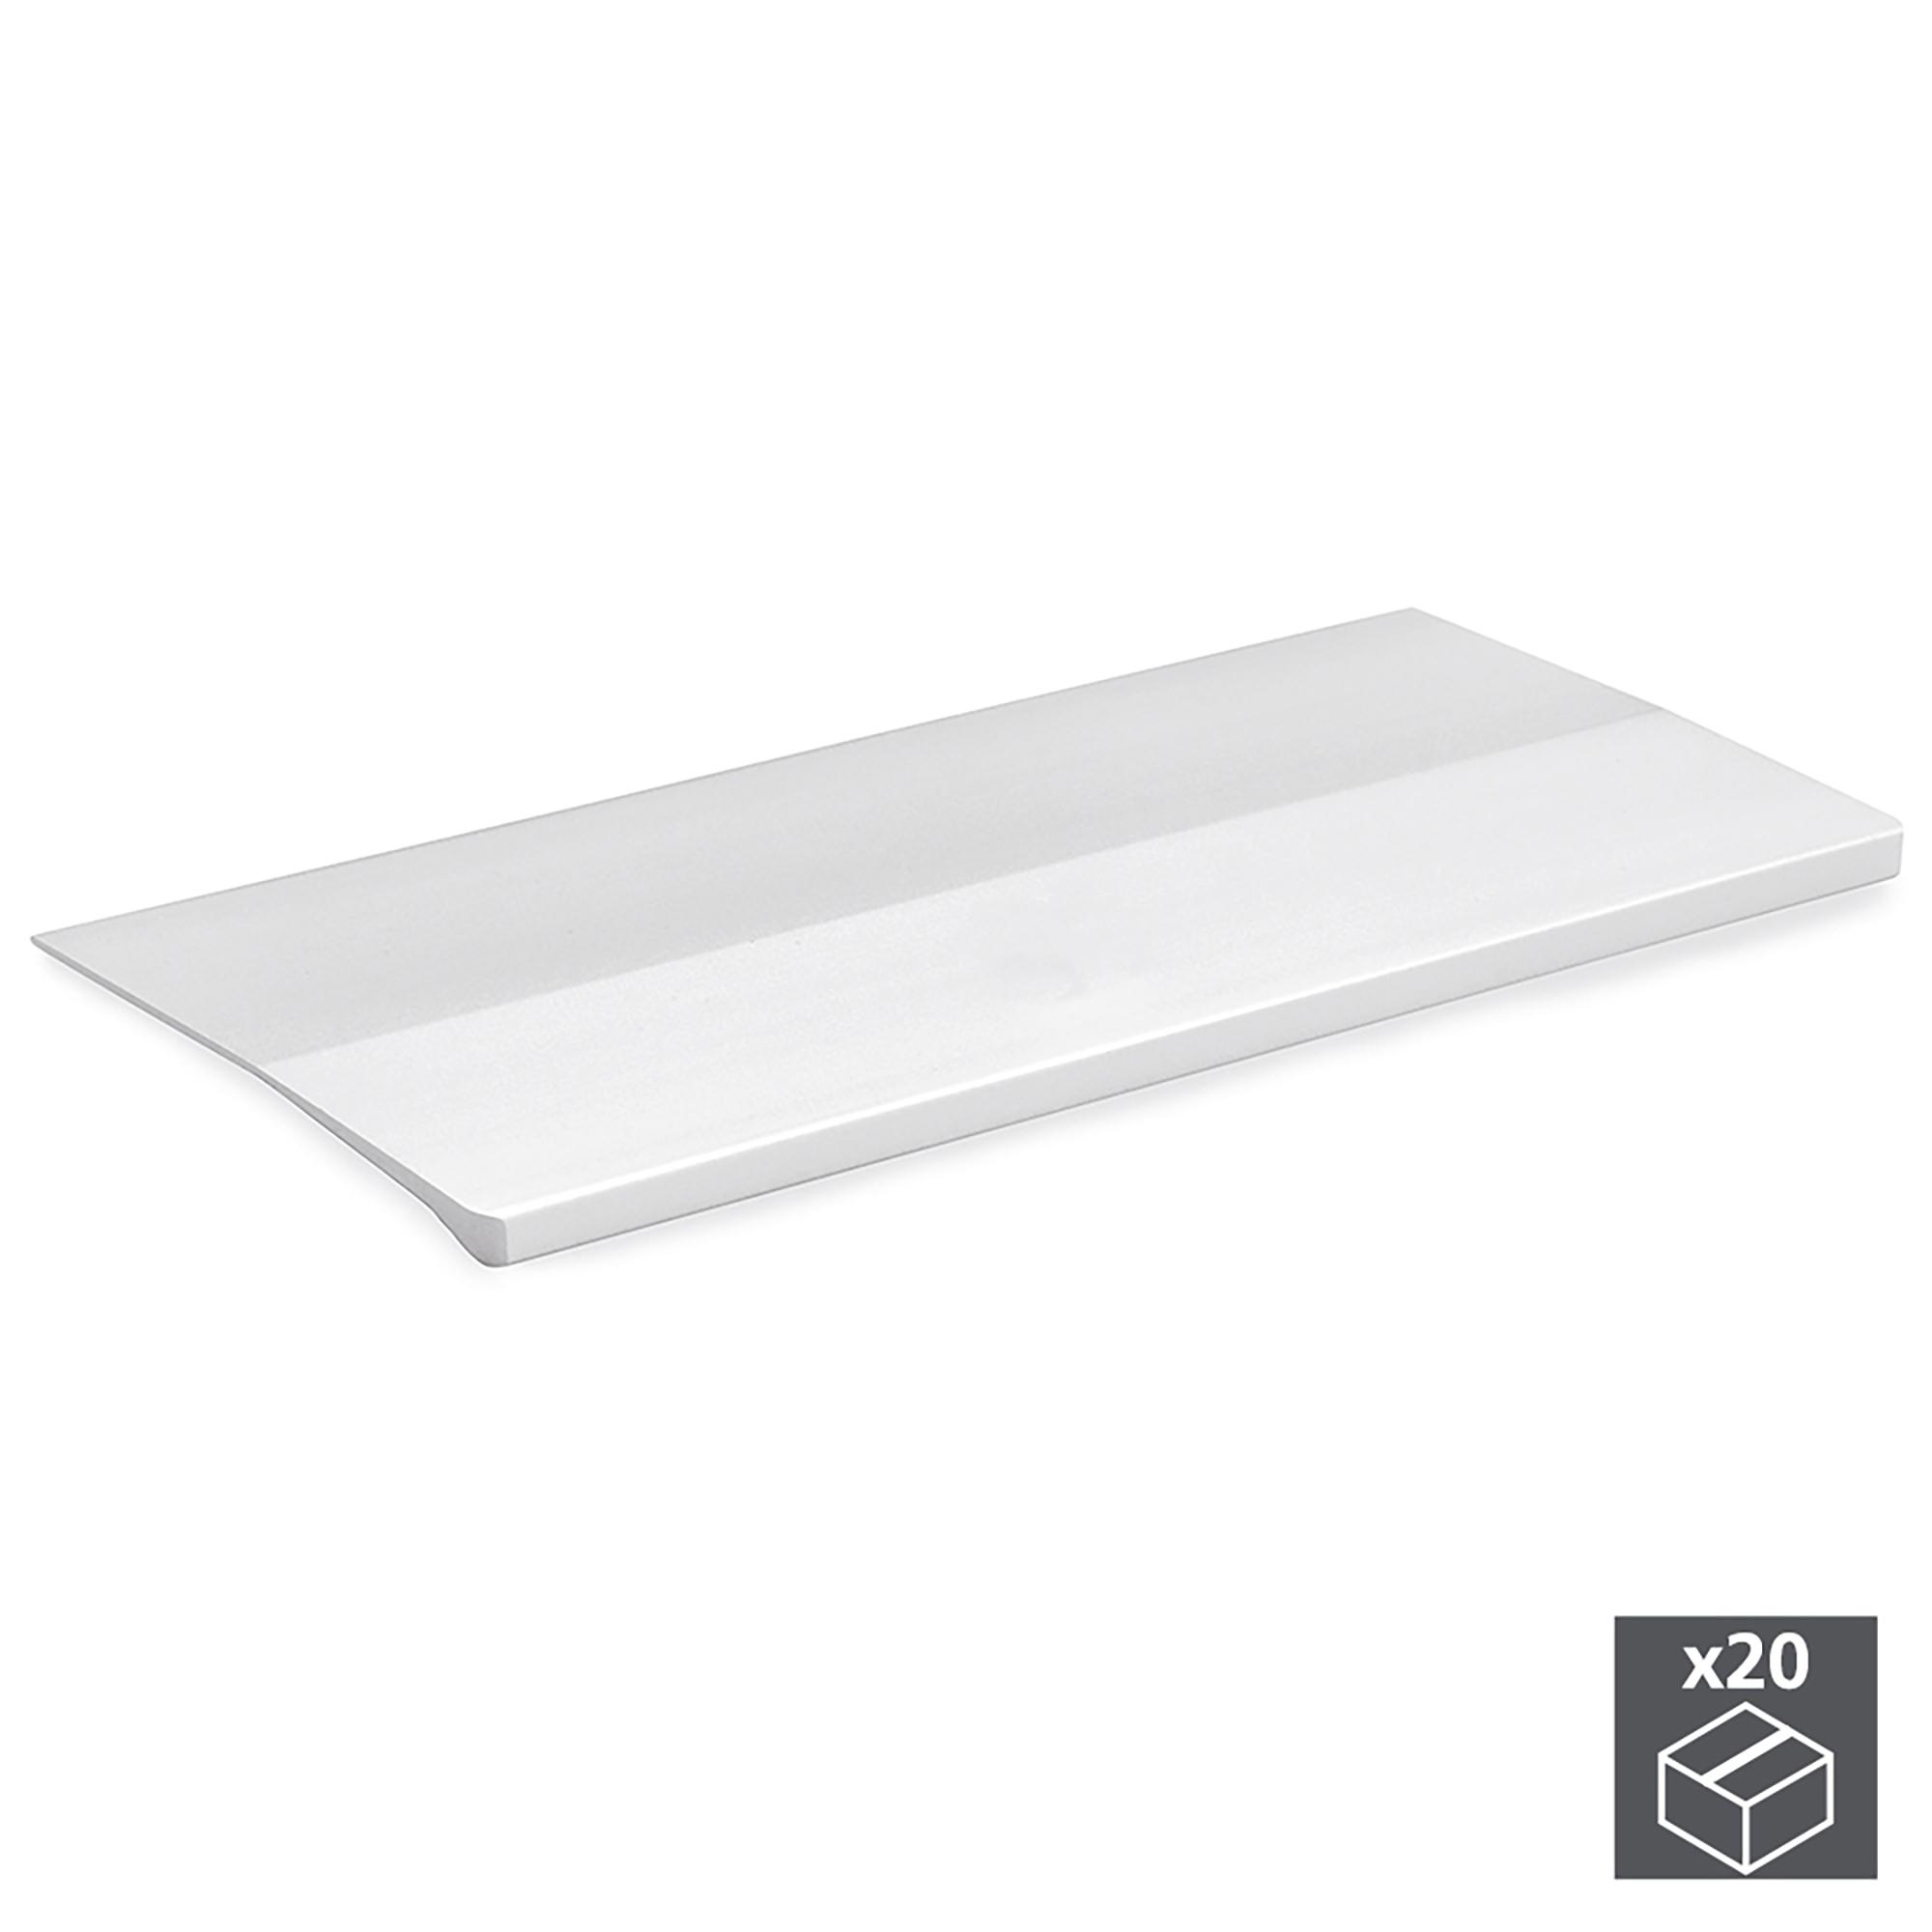 Emuca Maniglie adesive per mobile, 94 mm, Alluminio, Anodizzato opaco, 20 u.